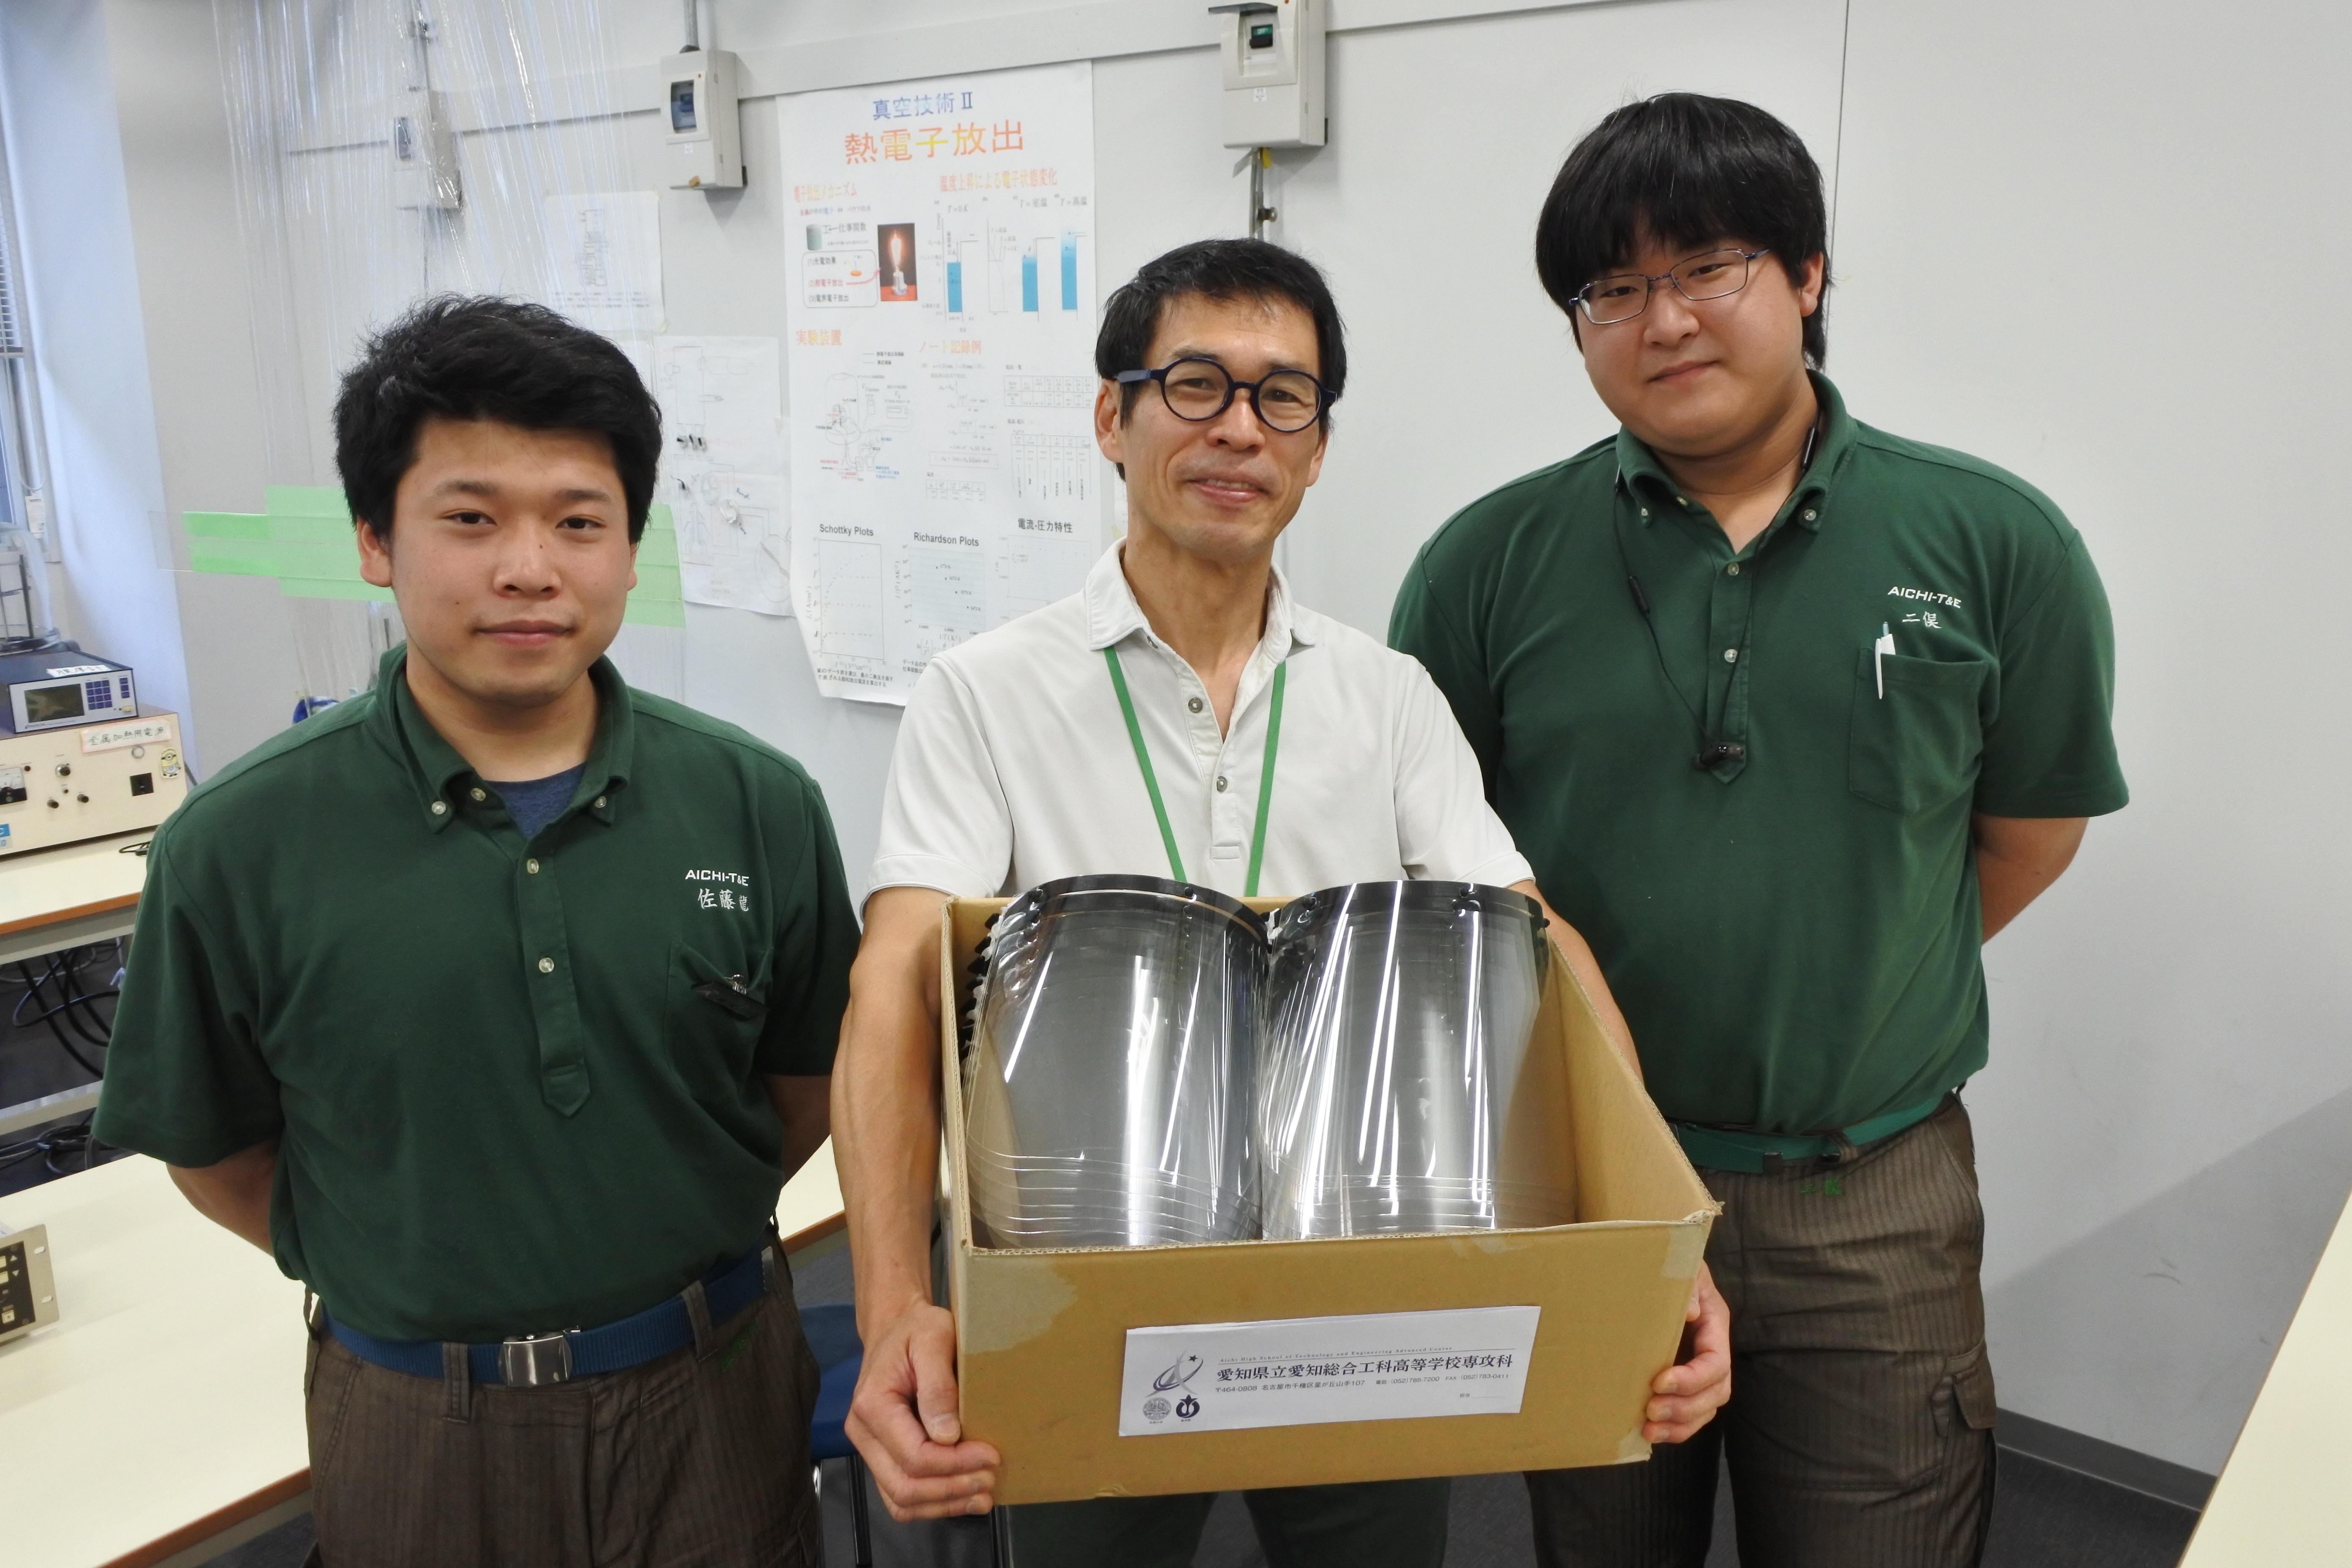 フェイスシールドを受け取った六田教授(中央)と、製作した二俣さん(右)と佐藤さん(左)